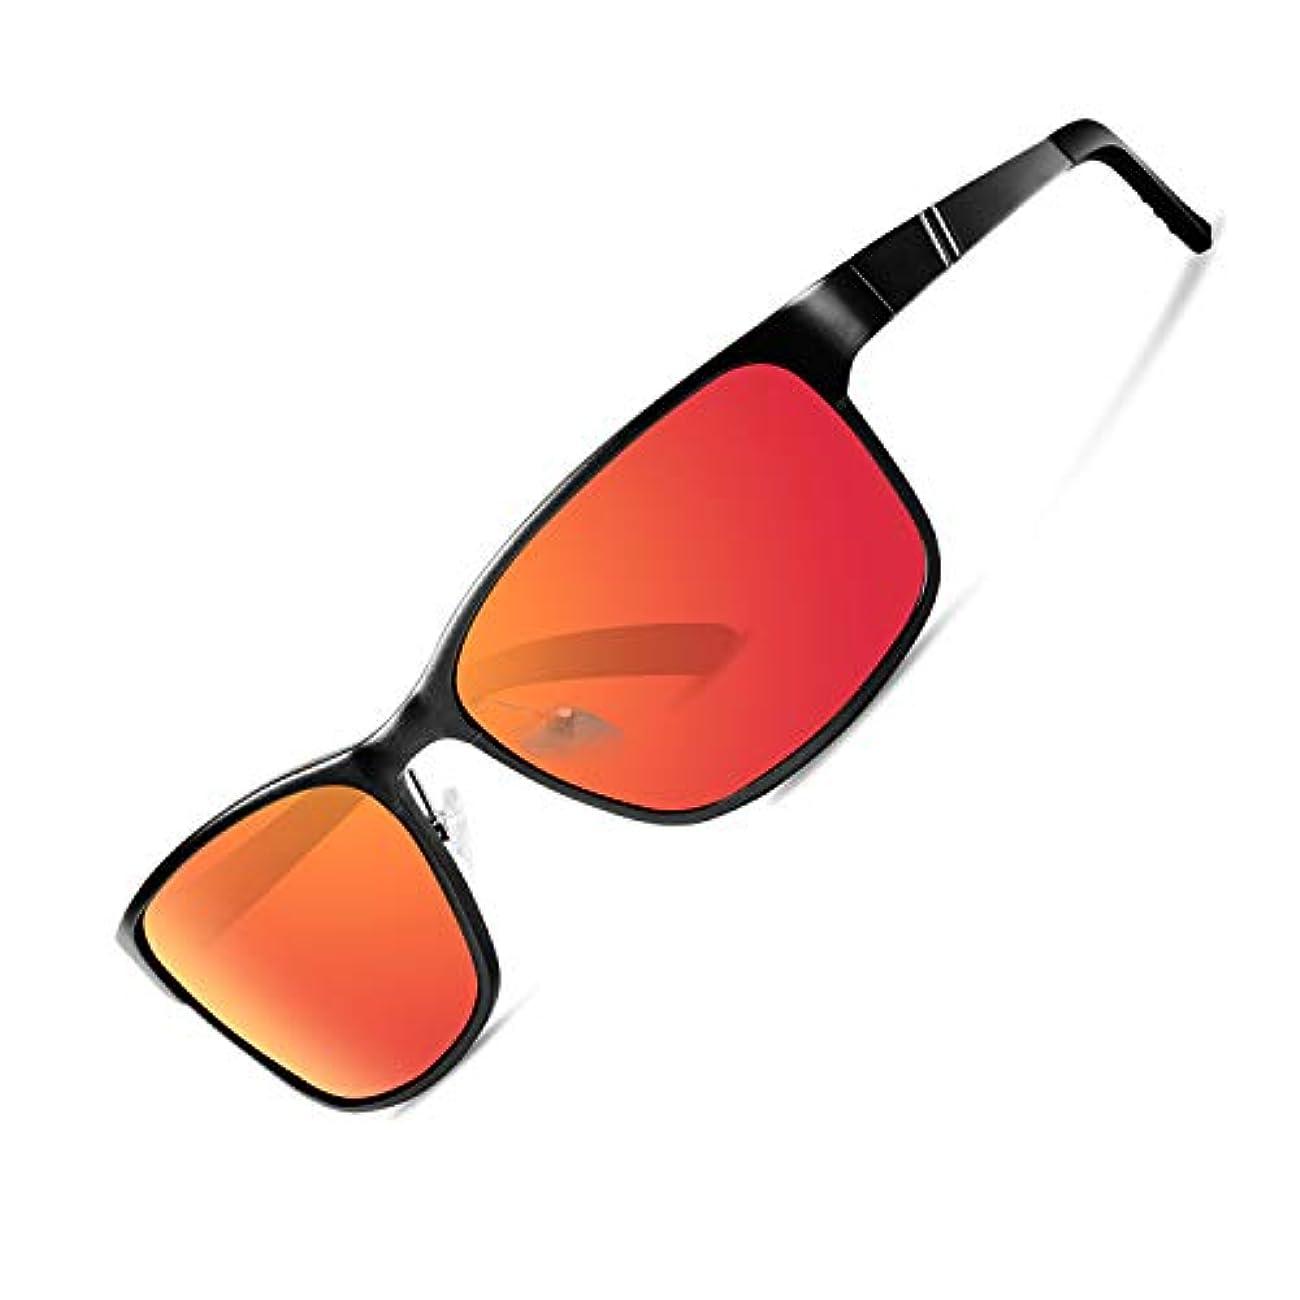 ニュースわかりやすいセージPAERDE サングラス メンズ 偏光レンズ 運転 軽量 UVカット 紫外線カット 釣り スポーツ テニス